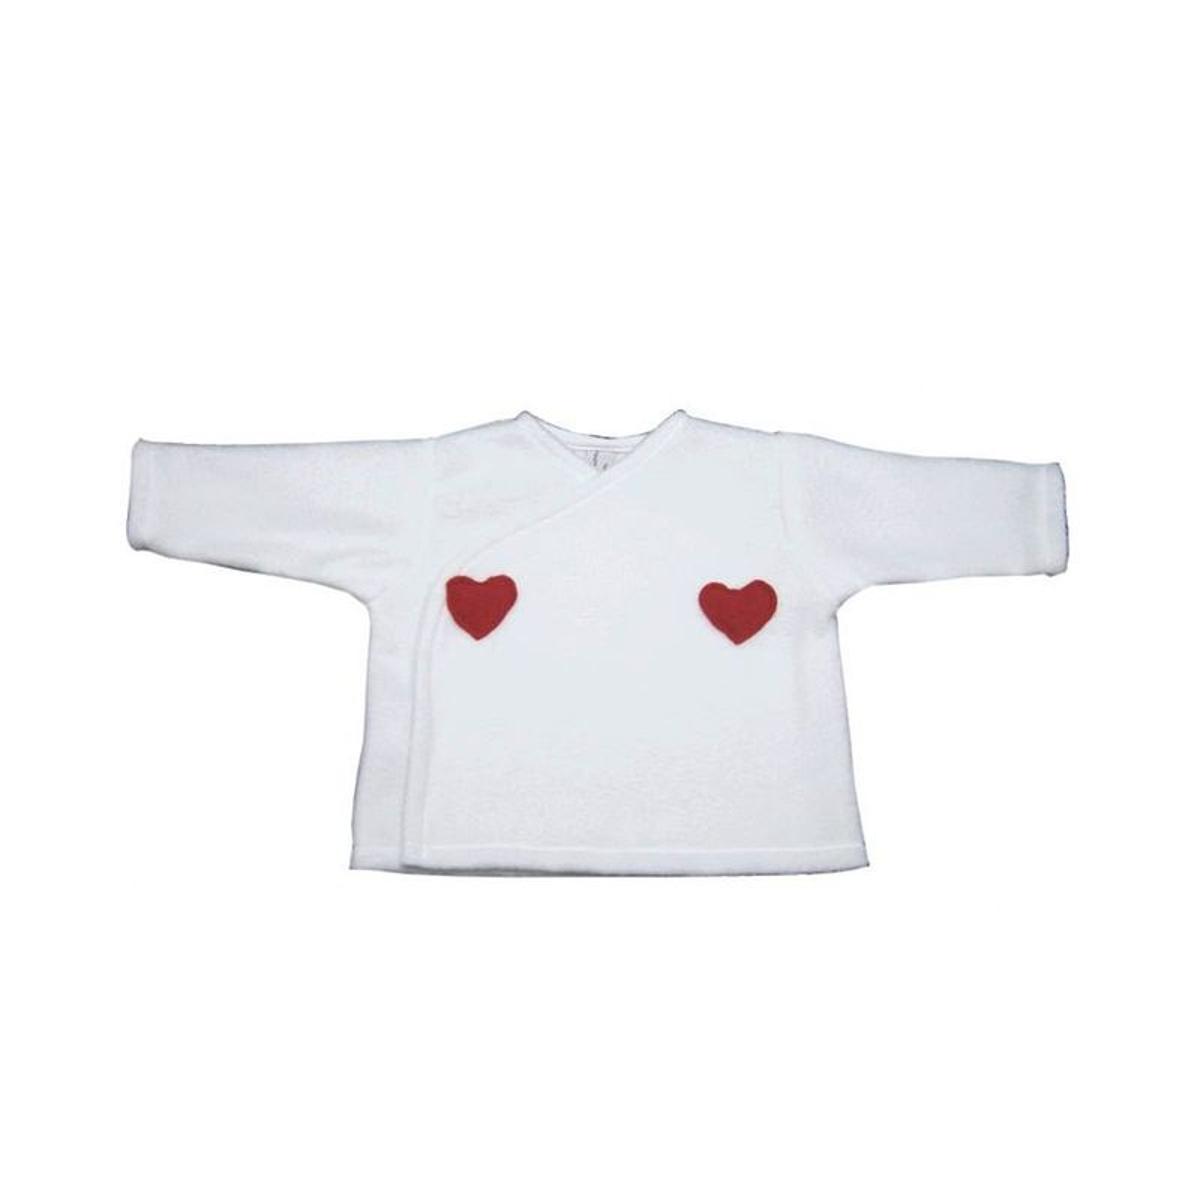 Brassière bébé blanc polaire, coeurs en rouge